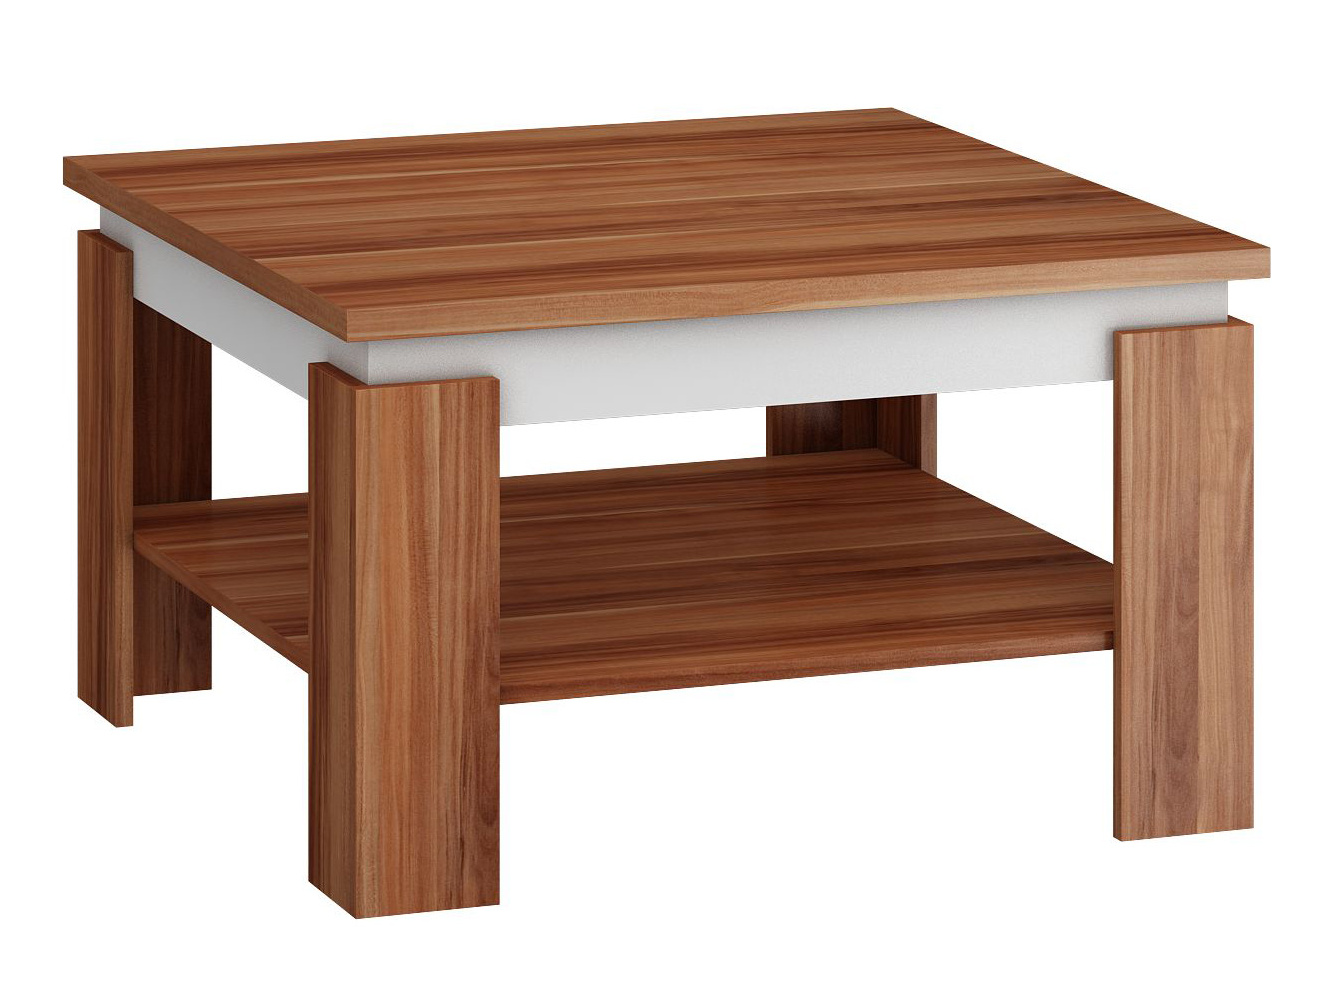 MORAVIA FLAT Konferenční stolek ALFA, švestka wallis/bílá